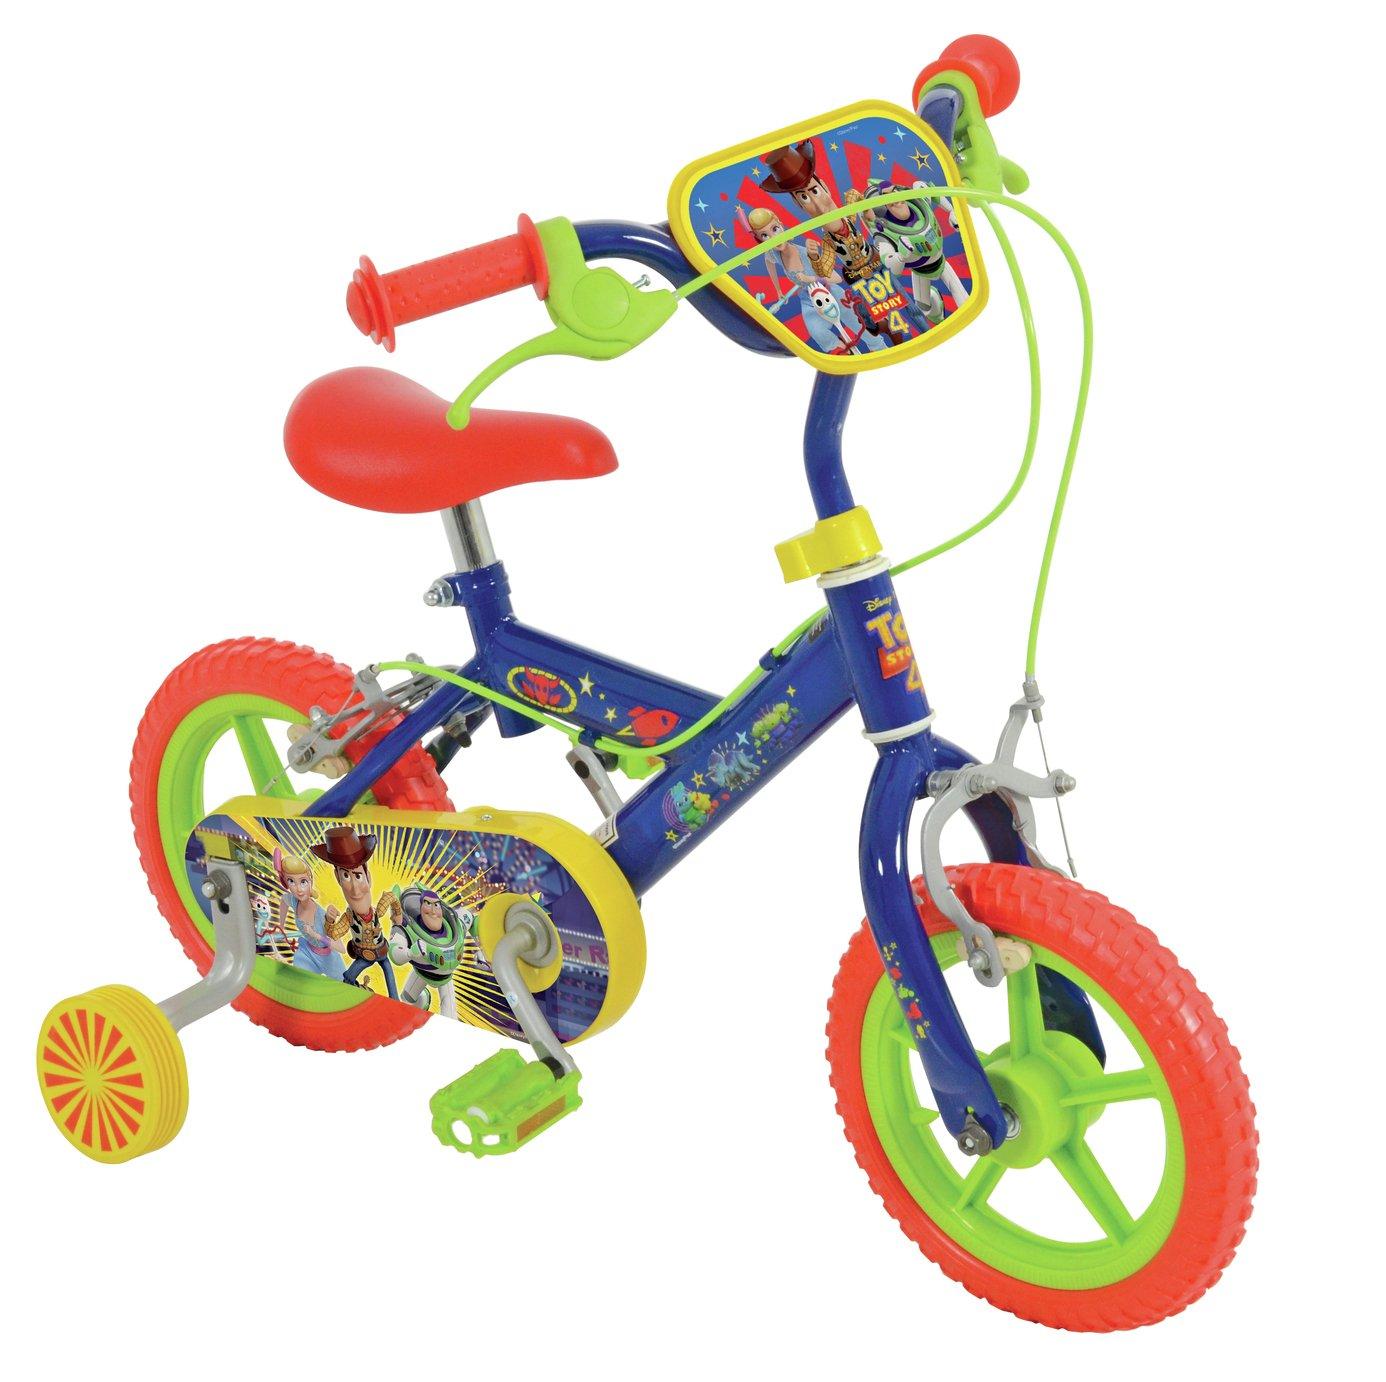 Disney Toy Story 4 12 Inch Kid's Bike